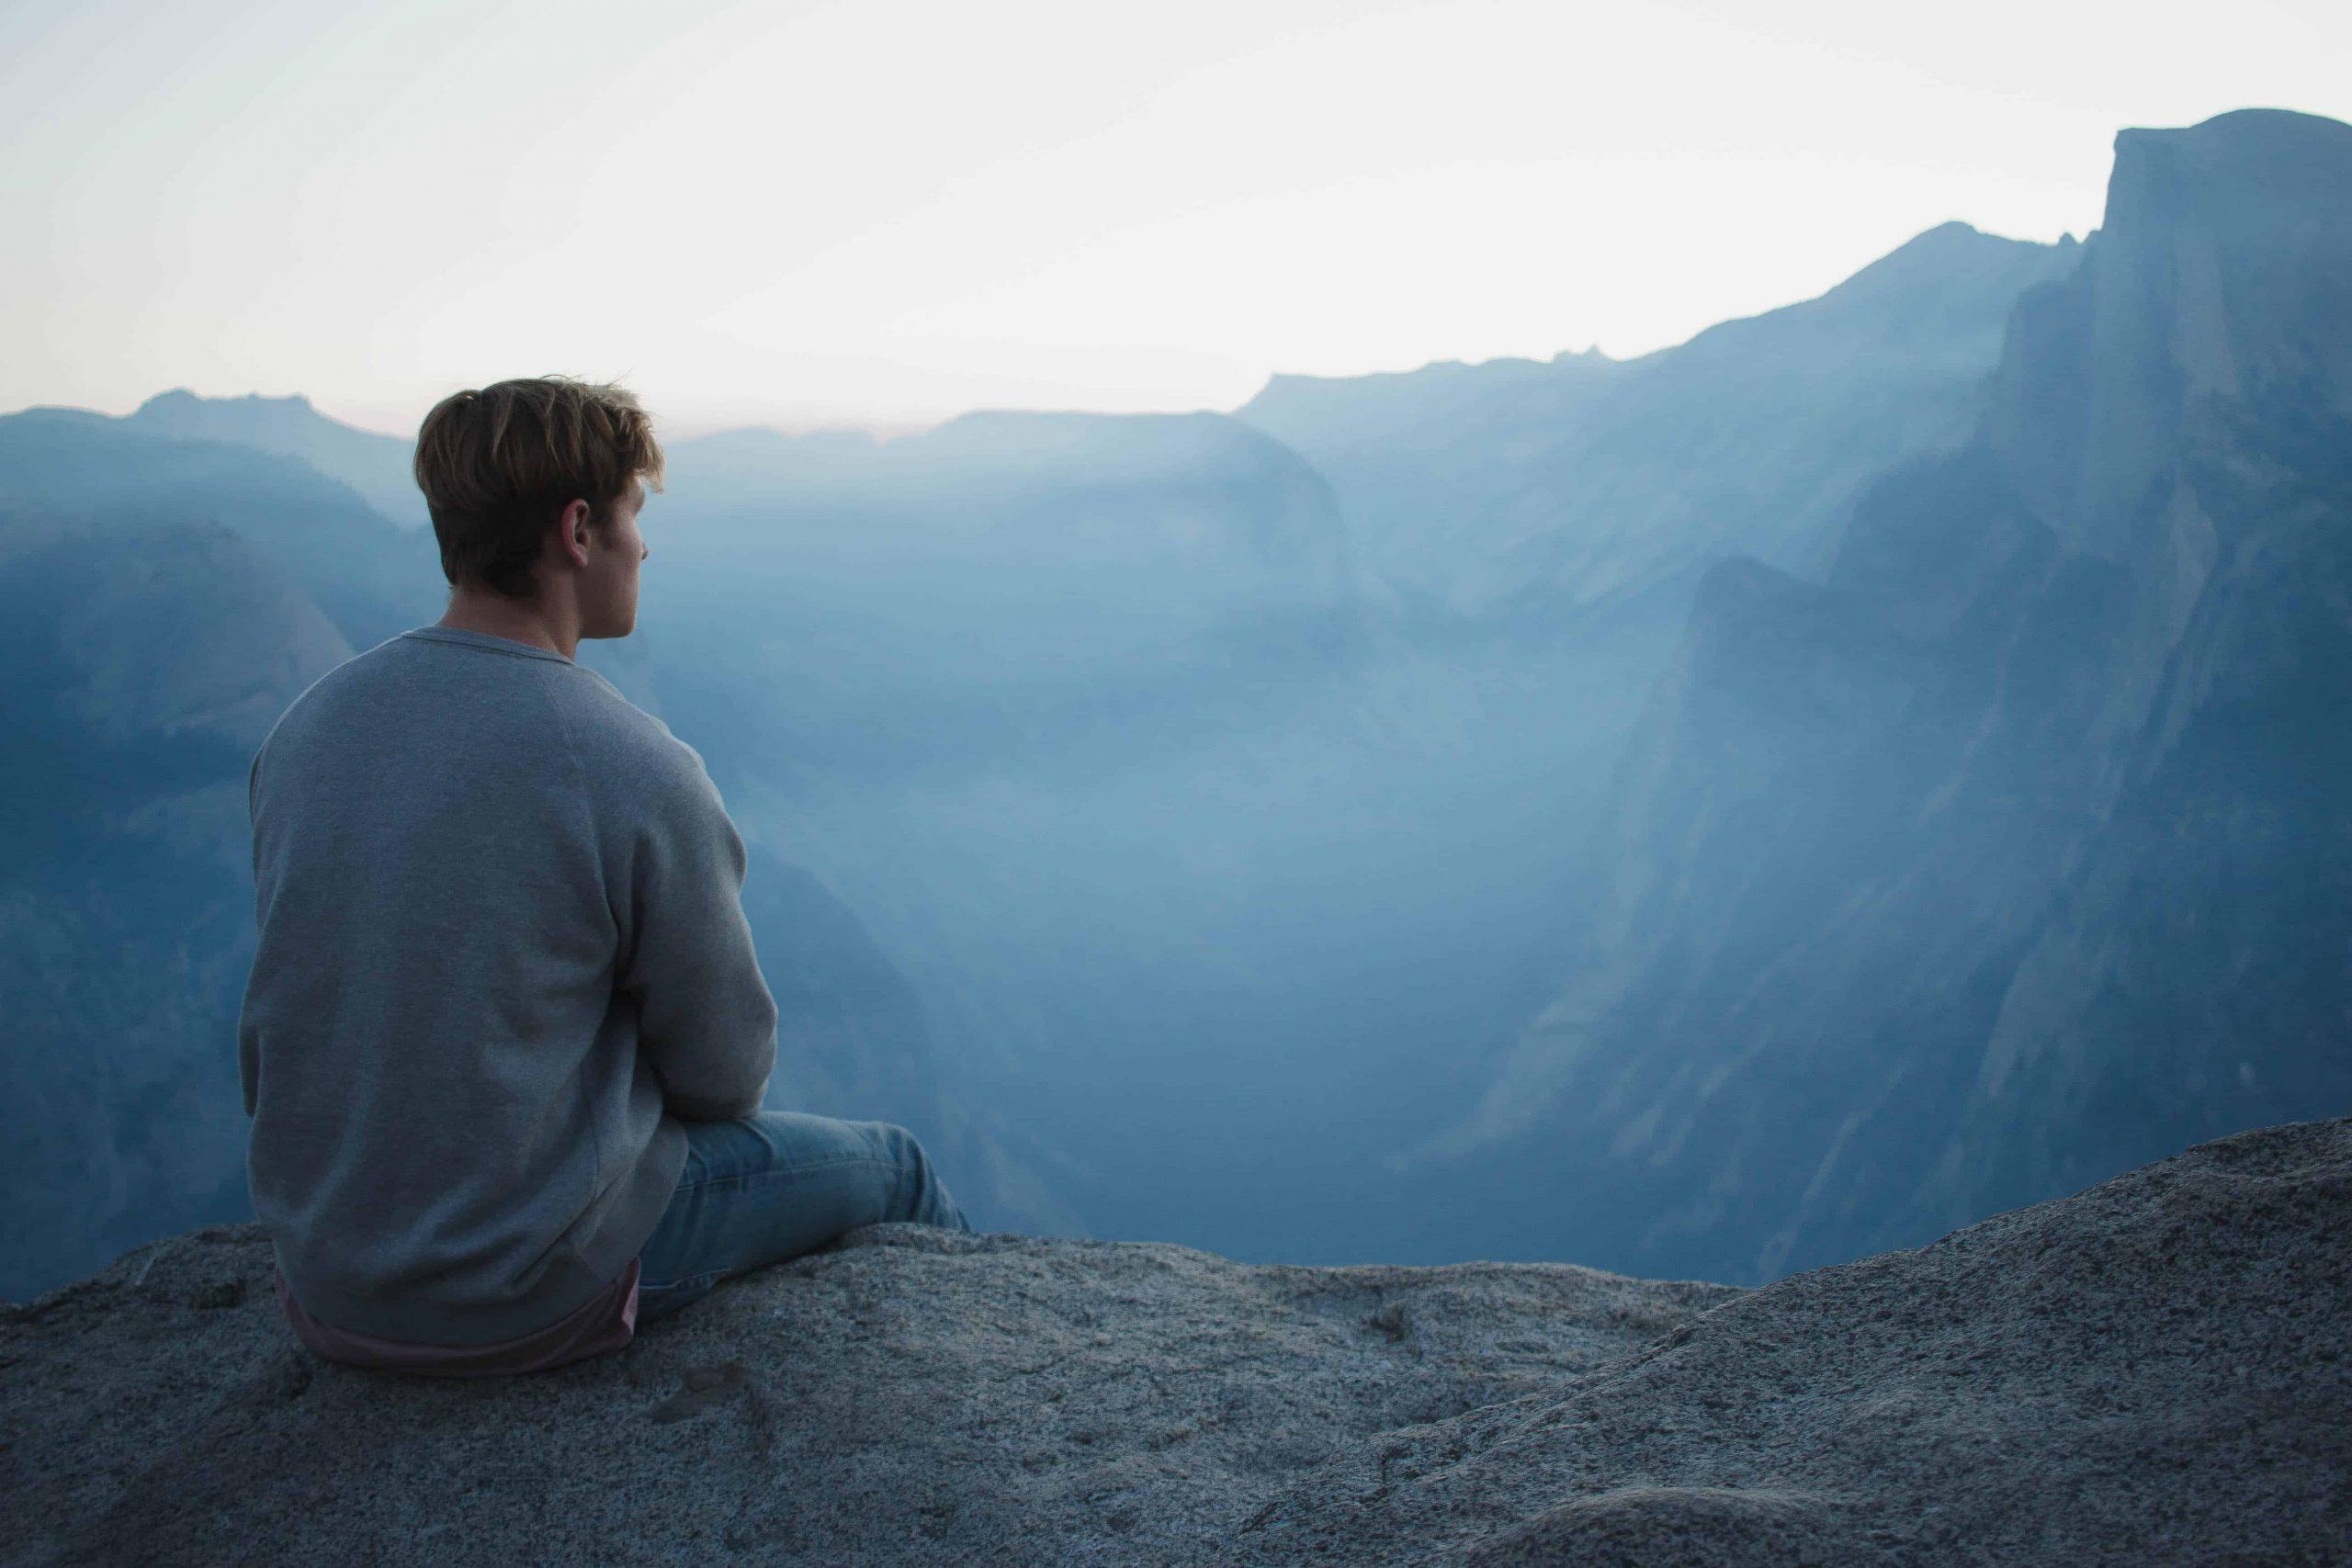 Meditation lernen: Alle wichtigen Fakten und Tipps